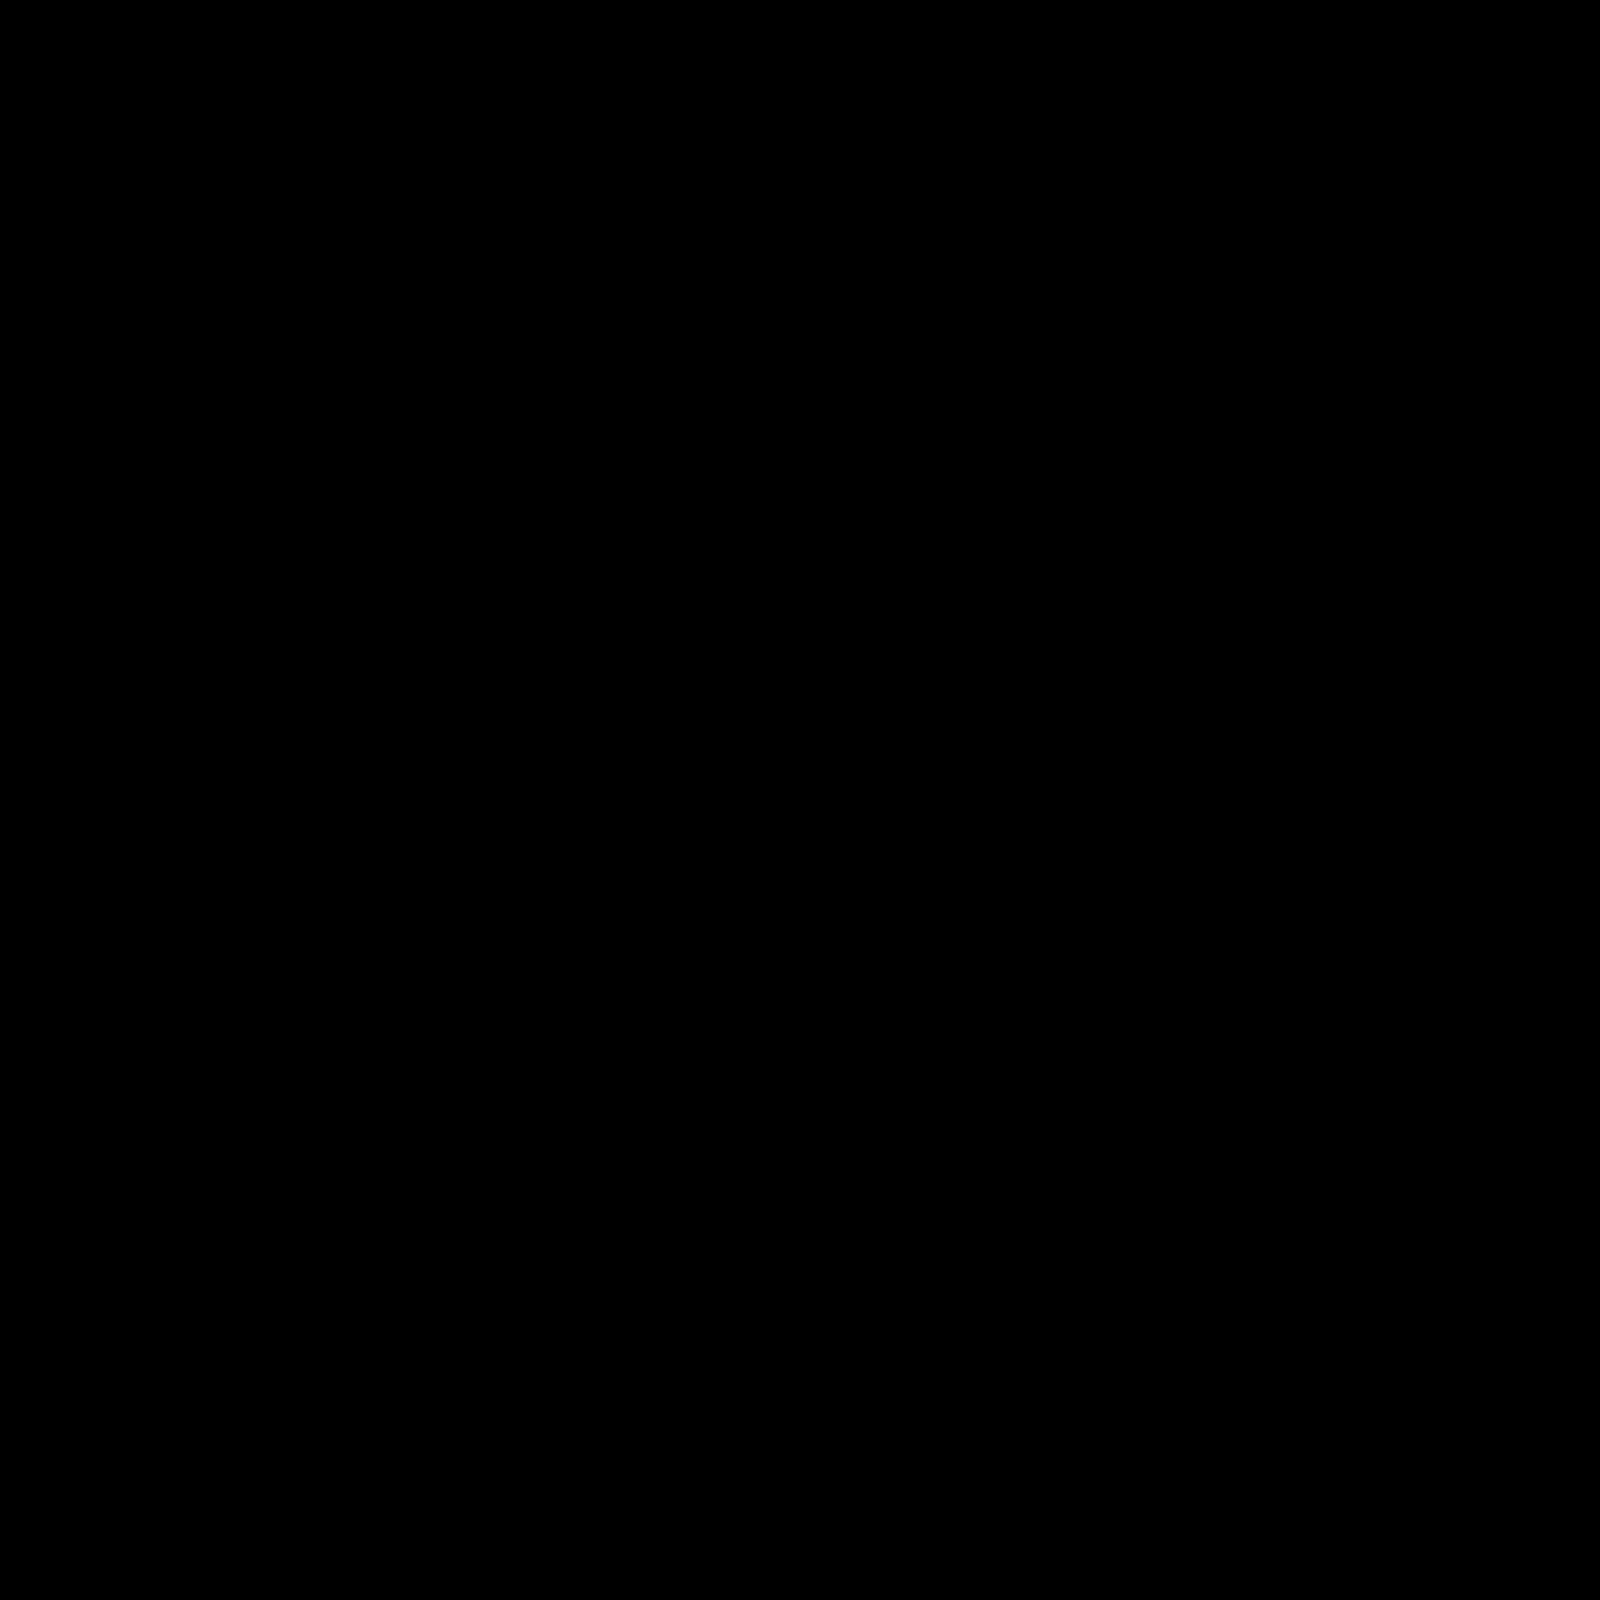 Tarcza aplikacji icon